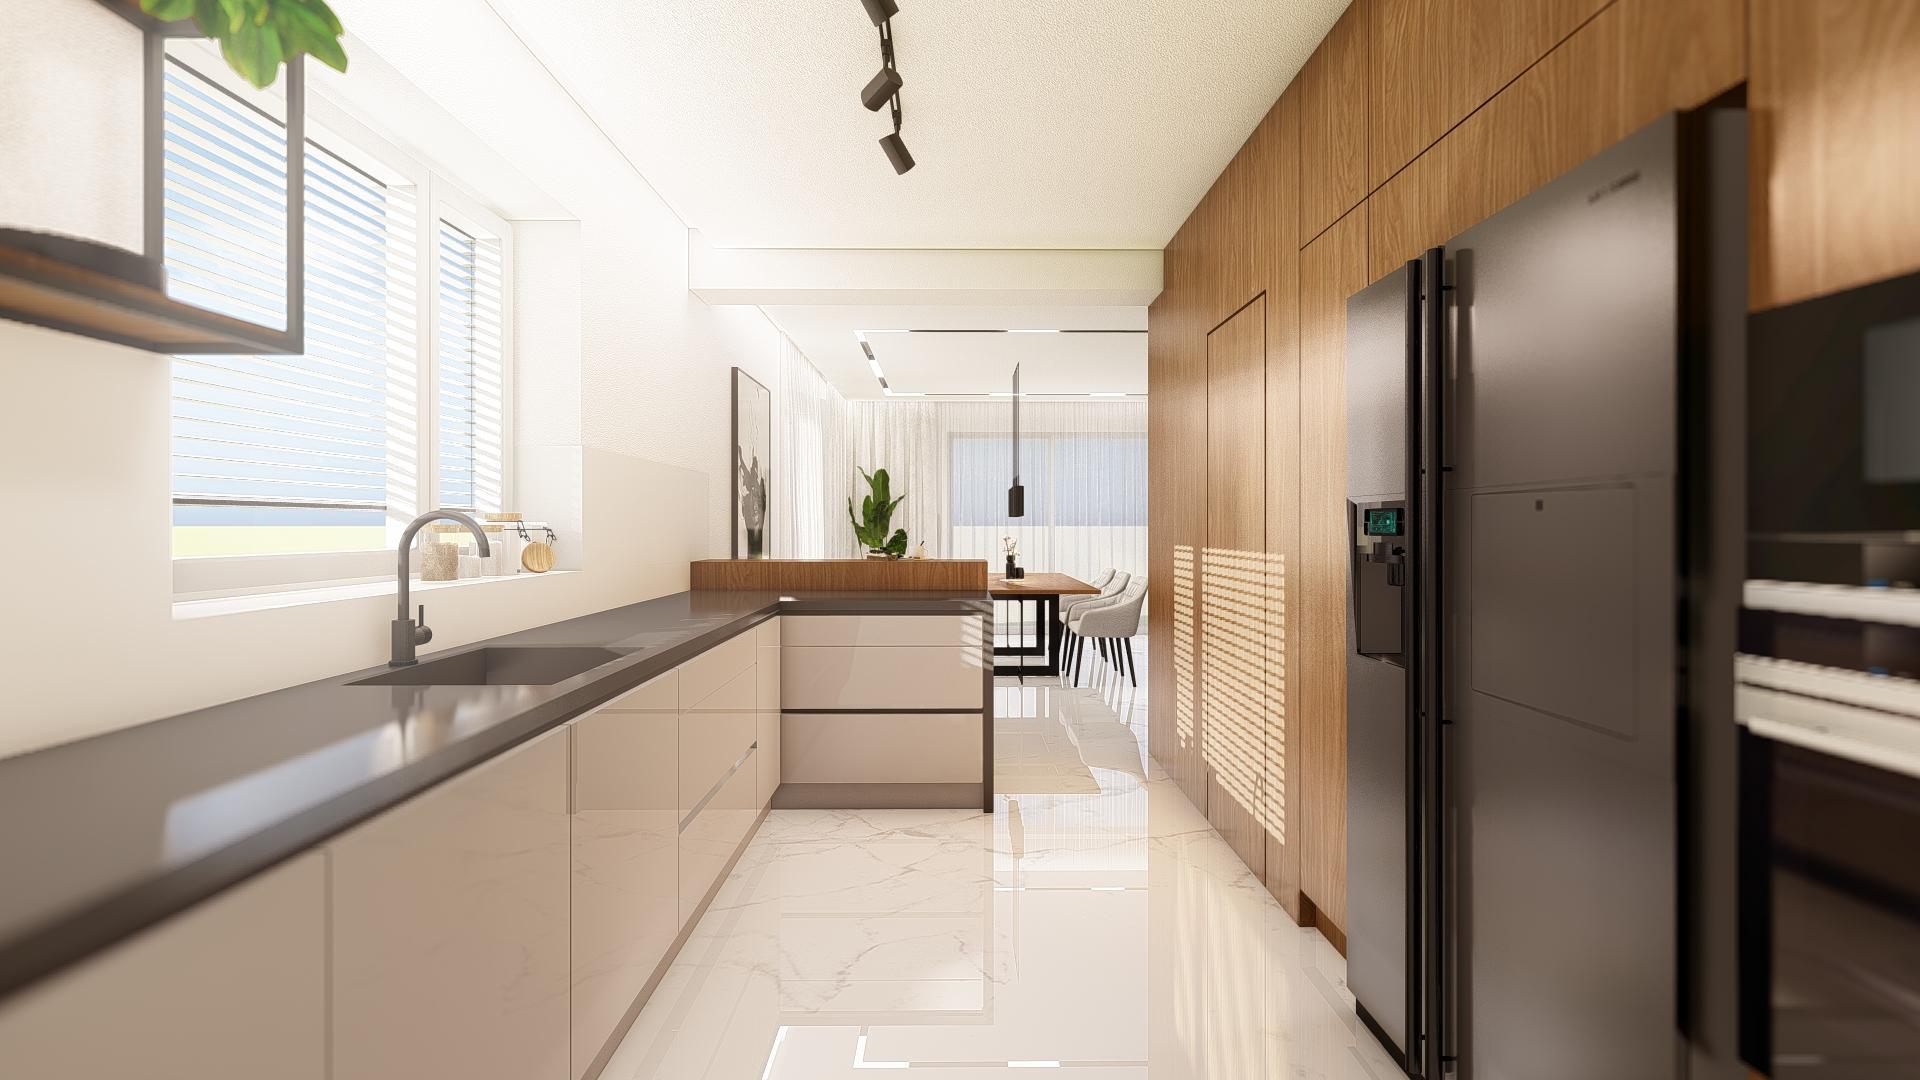 Návrh dennej časti v rodinnom dome, s nádychom luxusu.  Nechajte si aj vy navrhnúť svoj vysnívaný interiér. :) ;-)  Teraz už od 7€/m2. - Obrázok č. 2